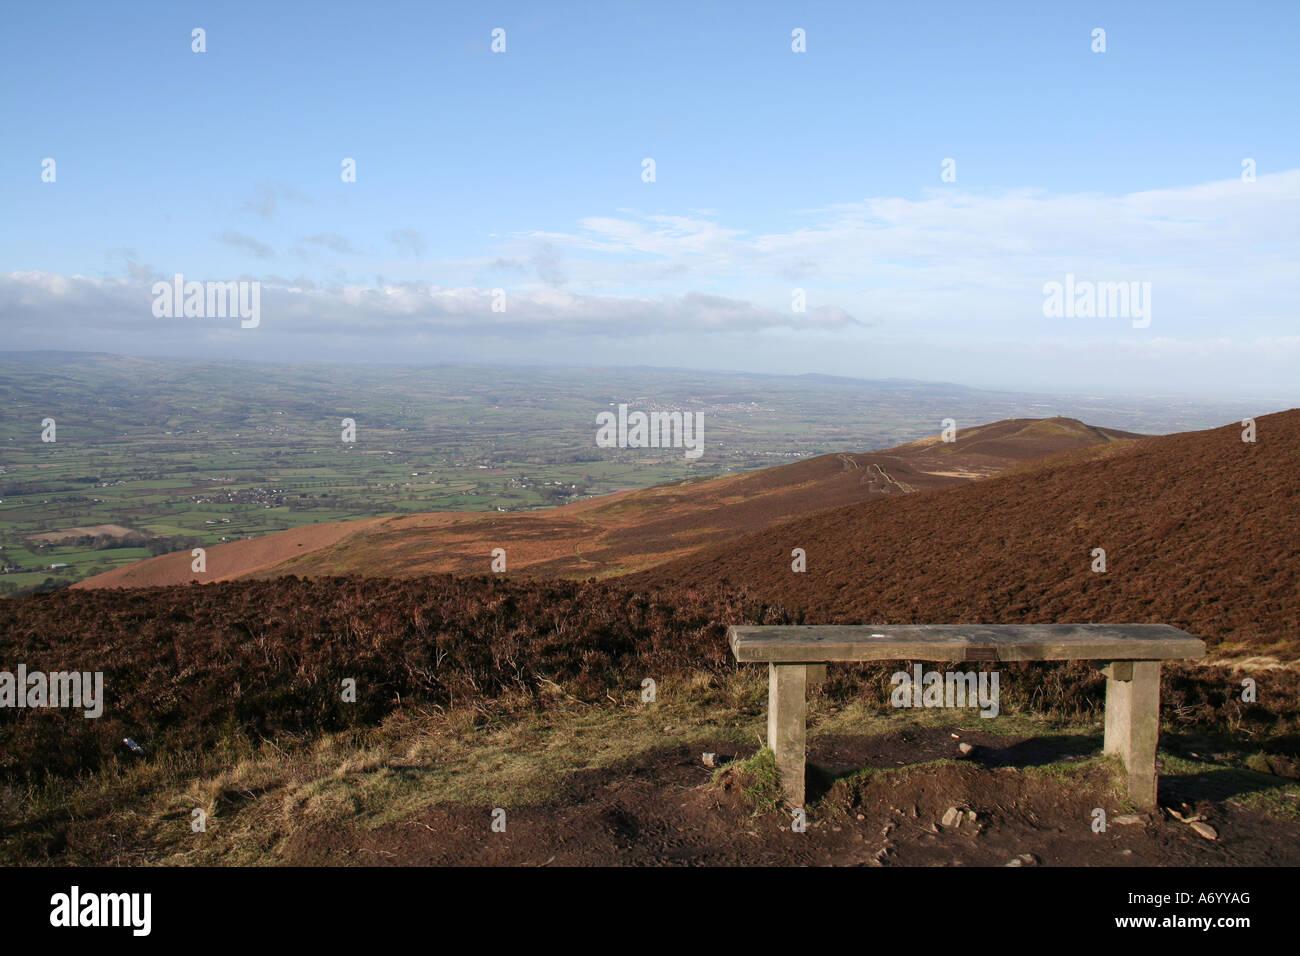 Seat on Moel Famau overlooking Clwyd Valley, towards North Wales coast - Stock Image